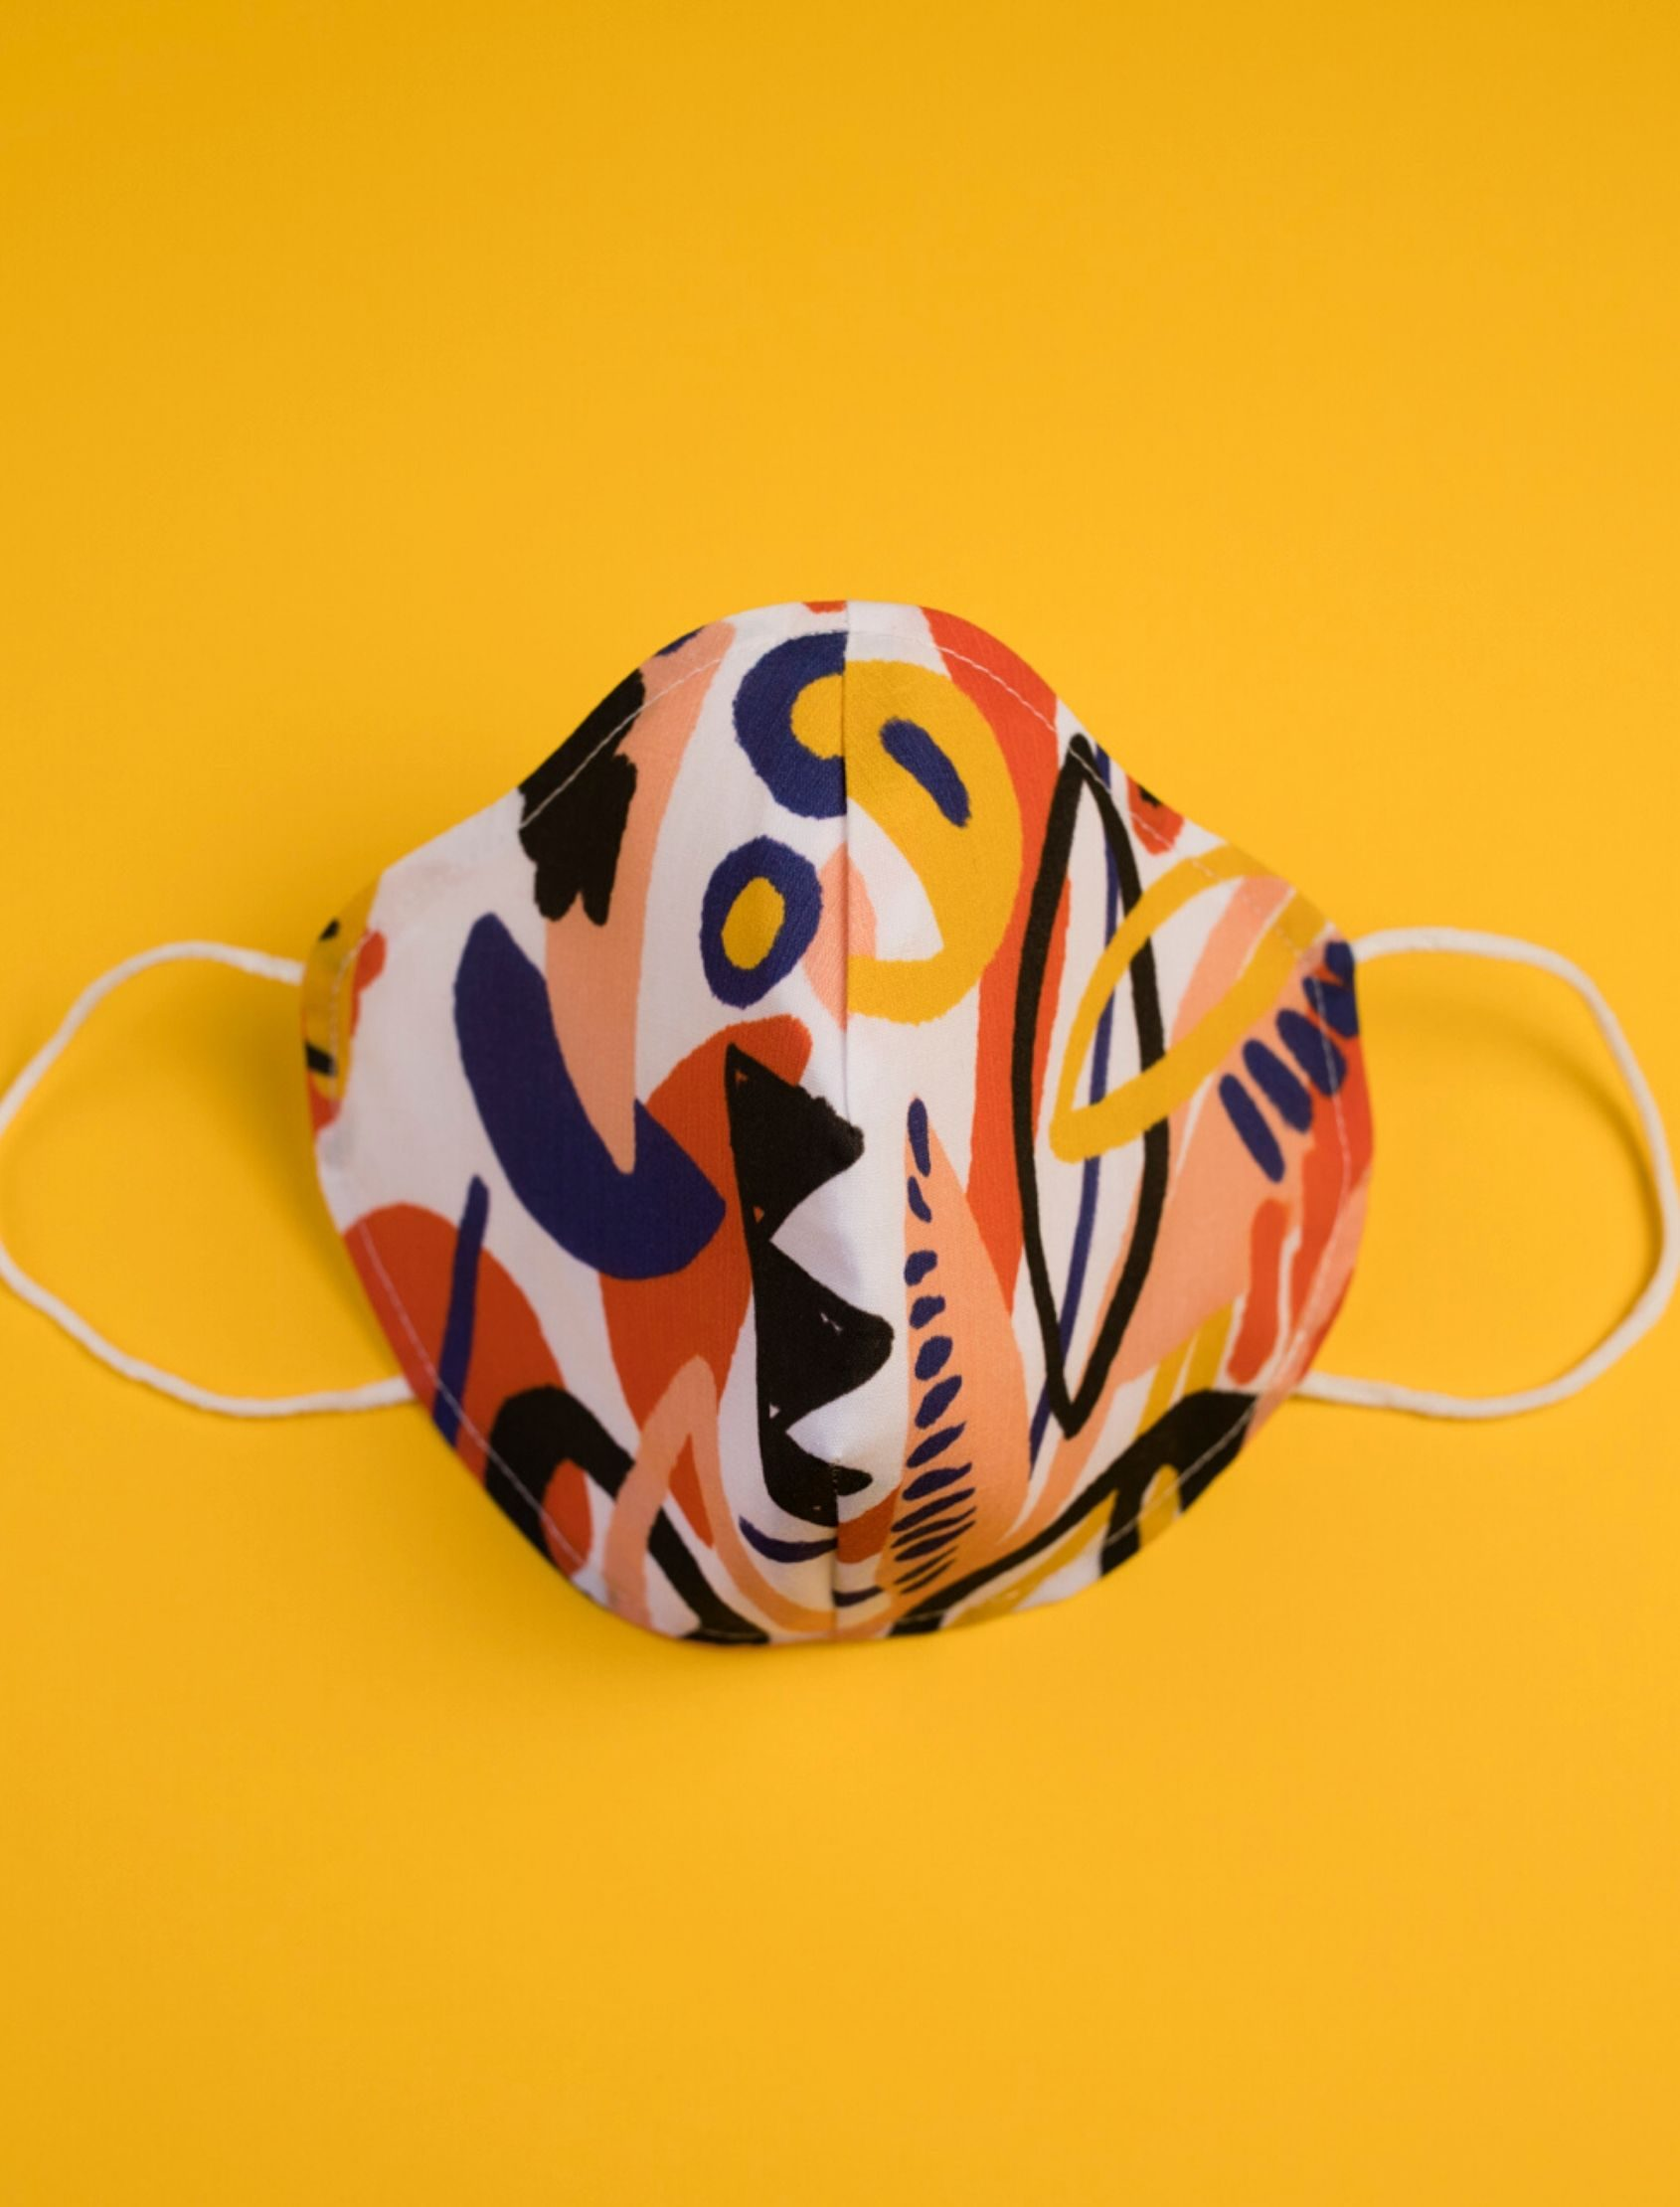 mascarilla moira con estampado geométrico multicolor diseñado por cris domínguez